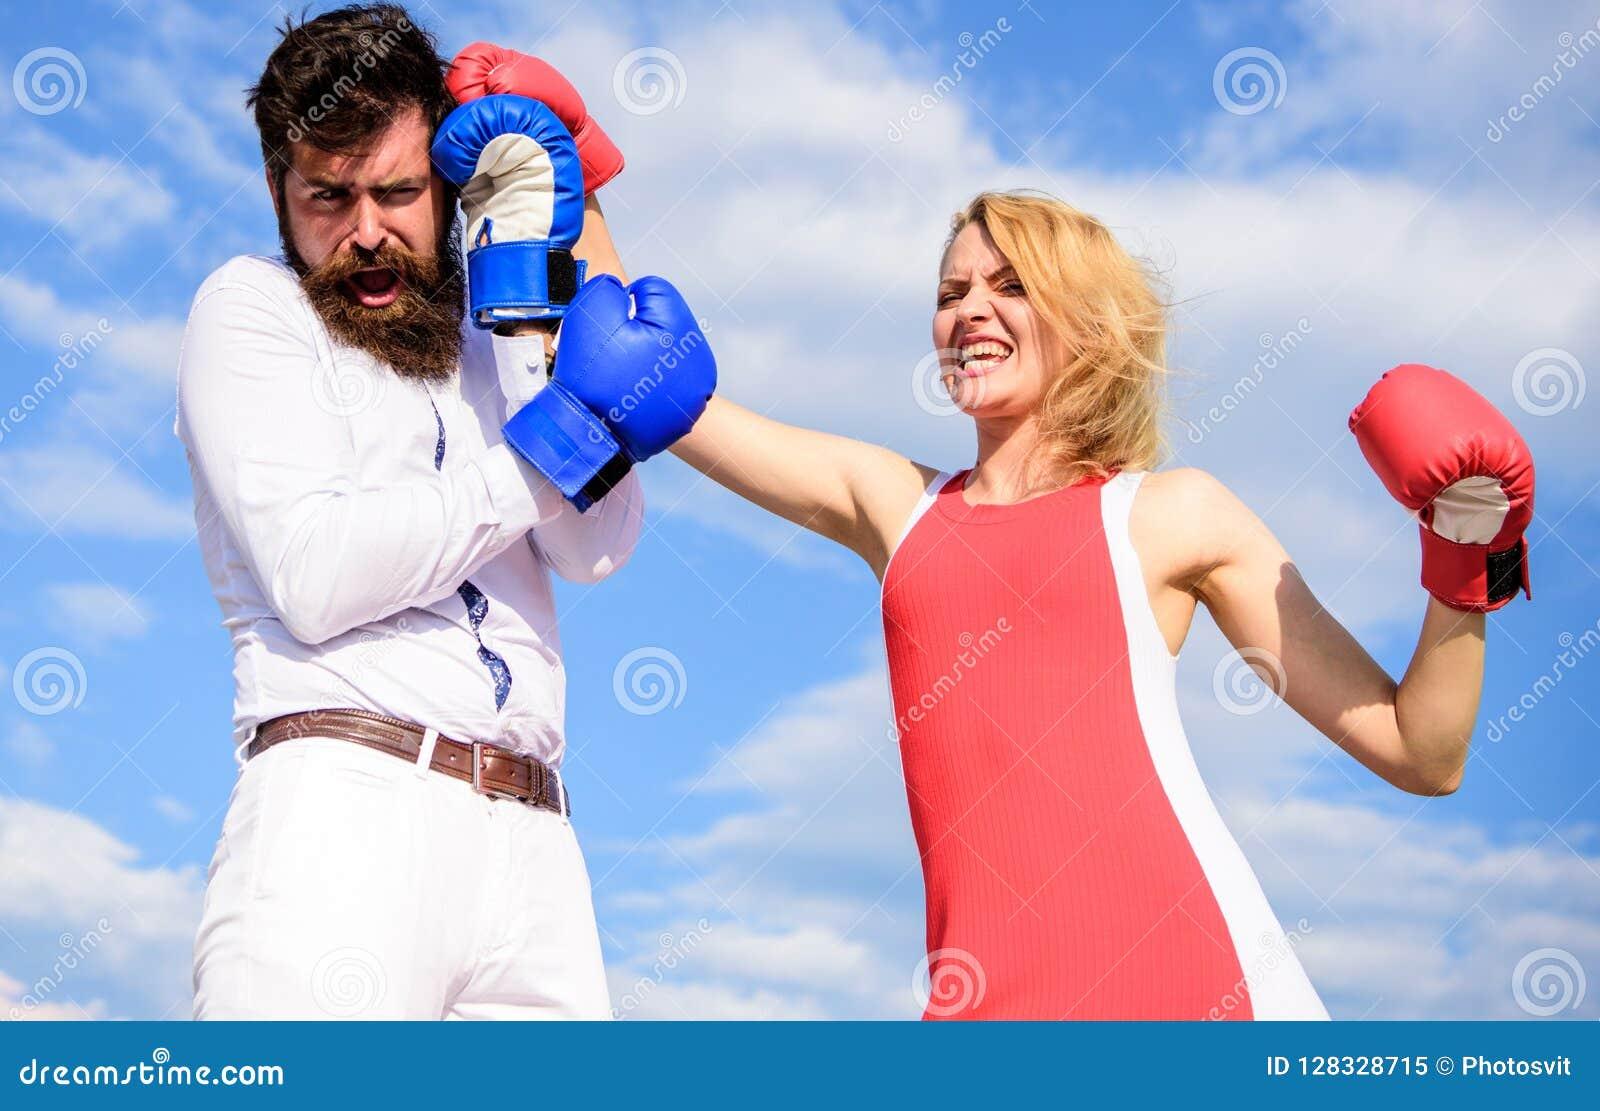 Να είστε έτοιμος υπερασπίζει την άποψη σημείου σας Ερωτευμένη πάλη ζεύγους Υπερασπίστε την άποψή σας στην αντιμετώπιση Πάλη ανδρώ